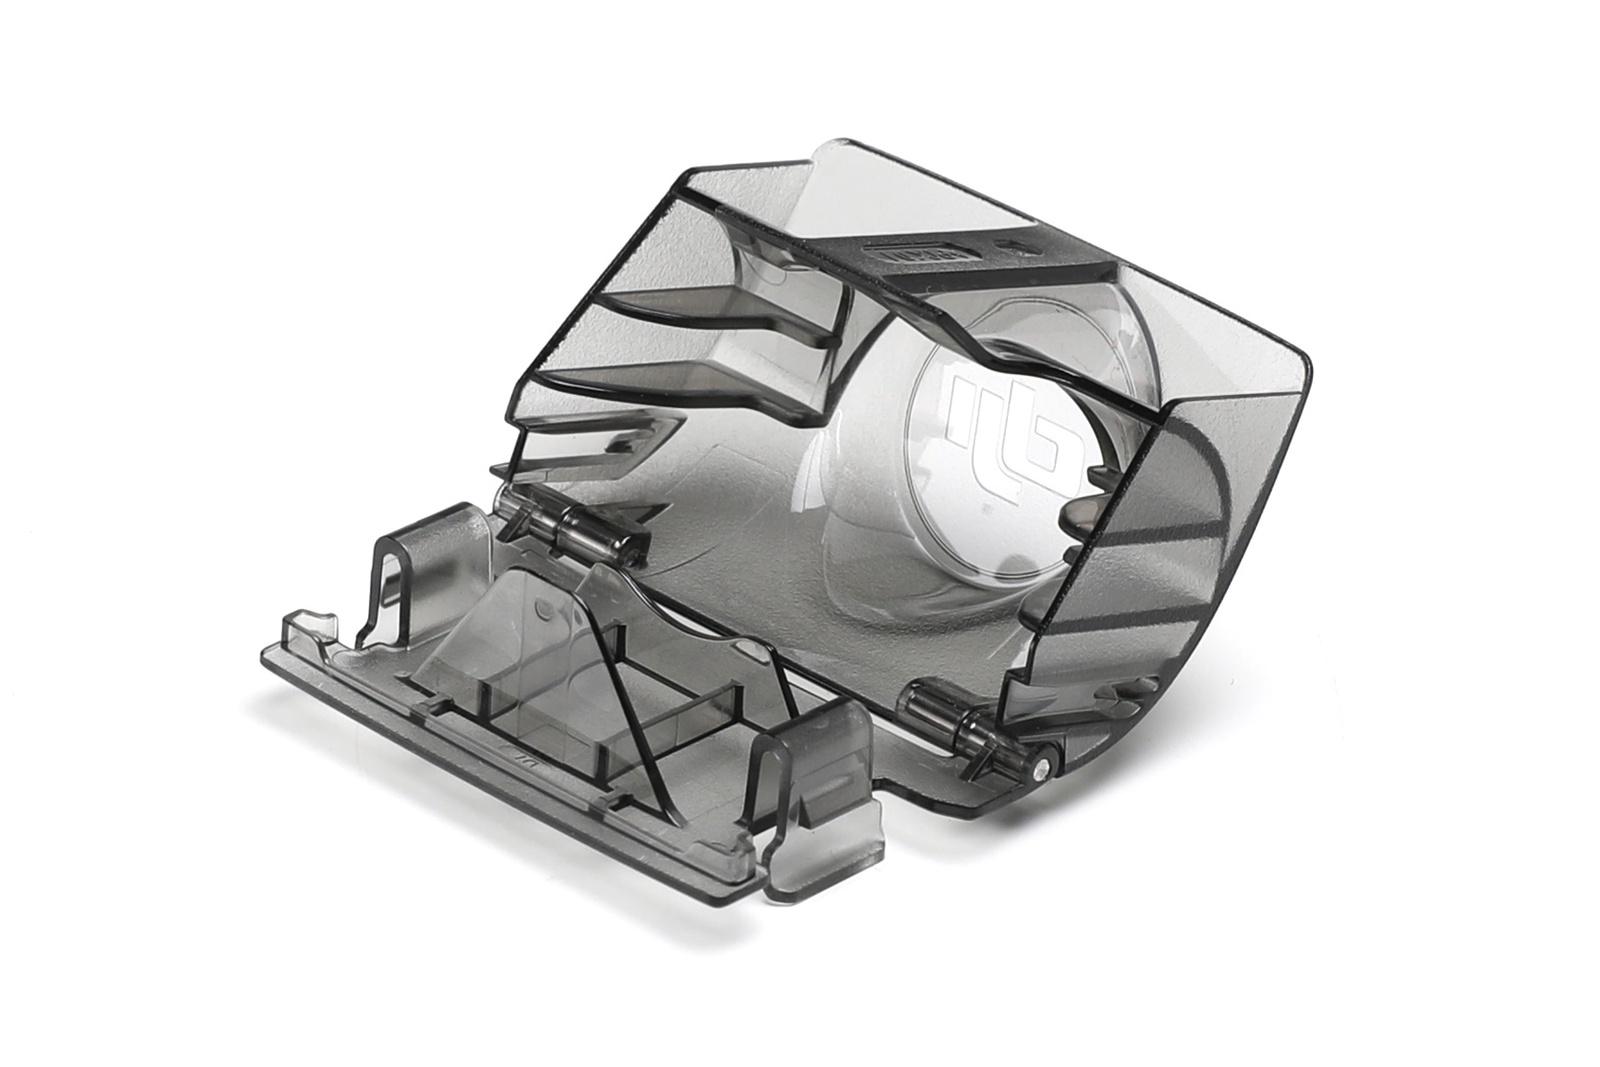 Аксессуар для квадрокоптера DJI Защитная крышка подвеса для Mavic Air (part12) DJI